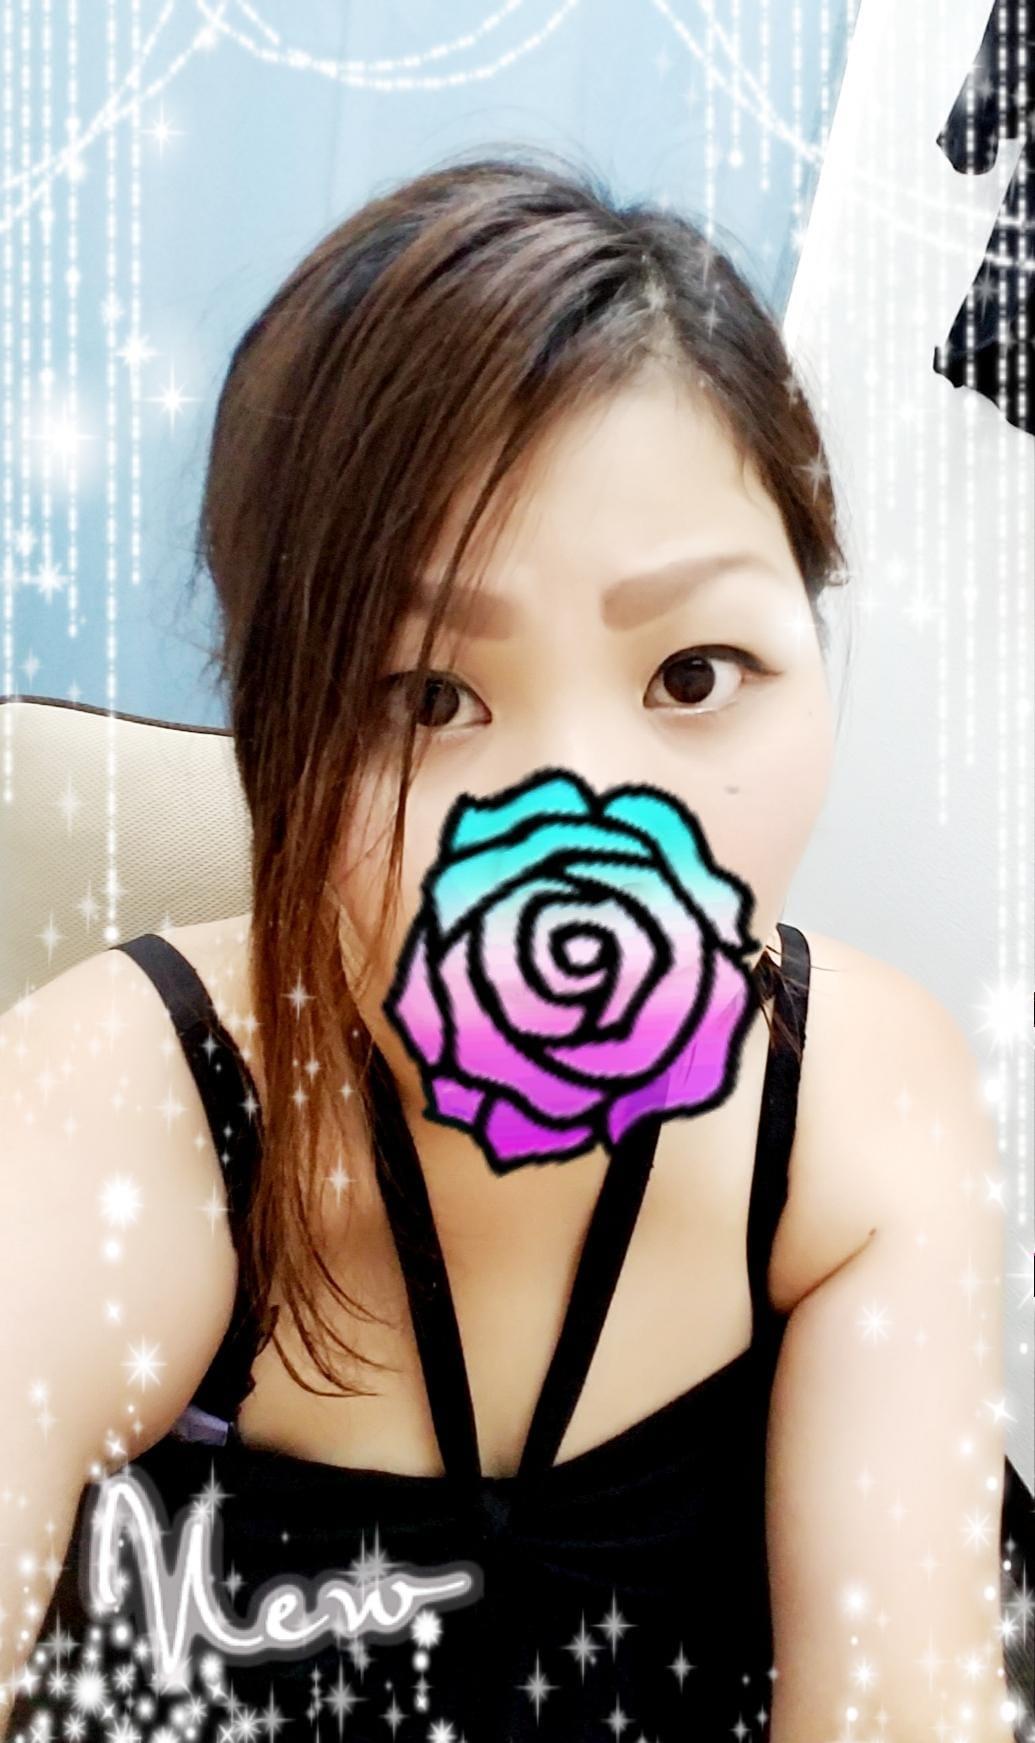 ゆずか☆淫乱ロリッ娘!「お礼♪」08/17(金) 23:37 | ゆずか☆淫乱ロリッ娘!の写メ・風俗動画